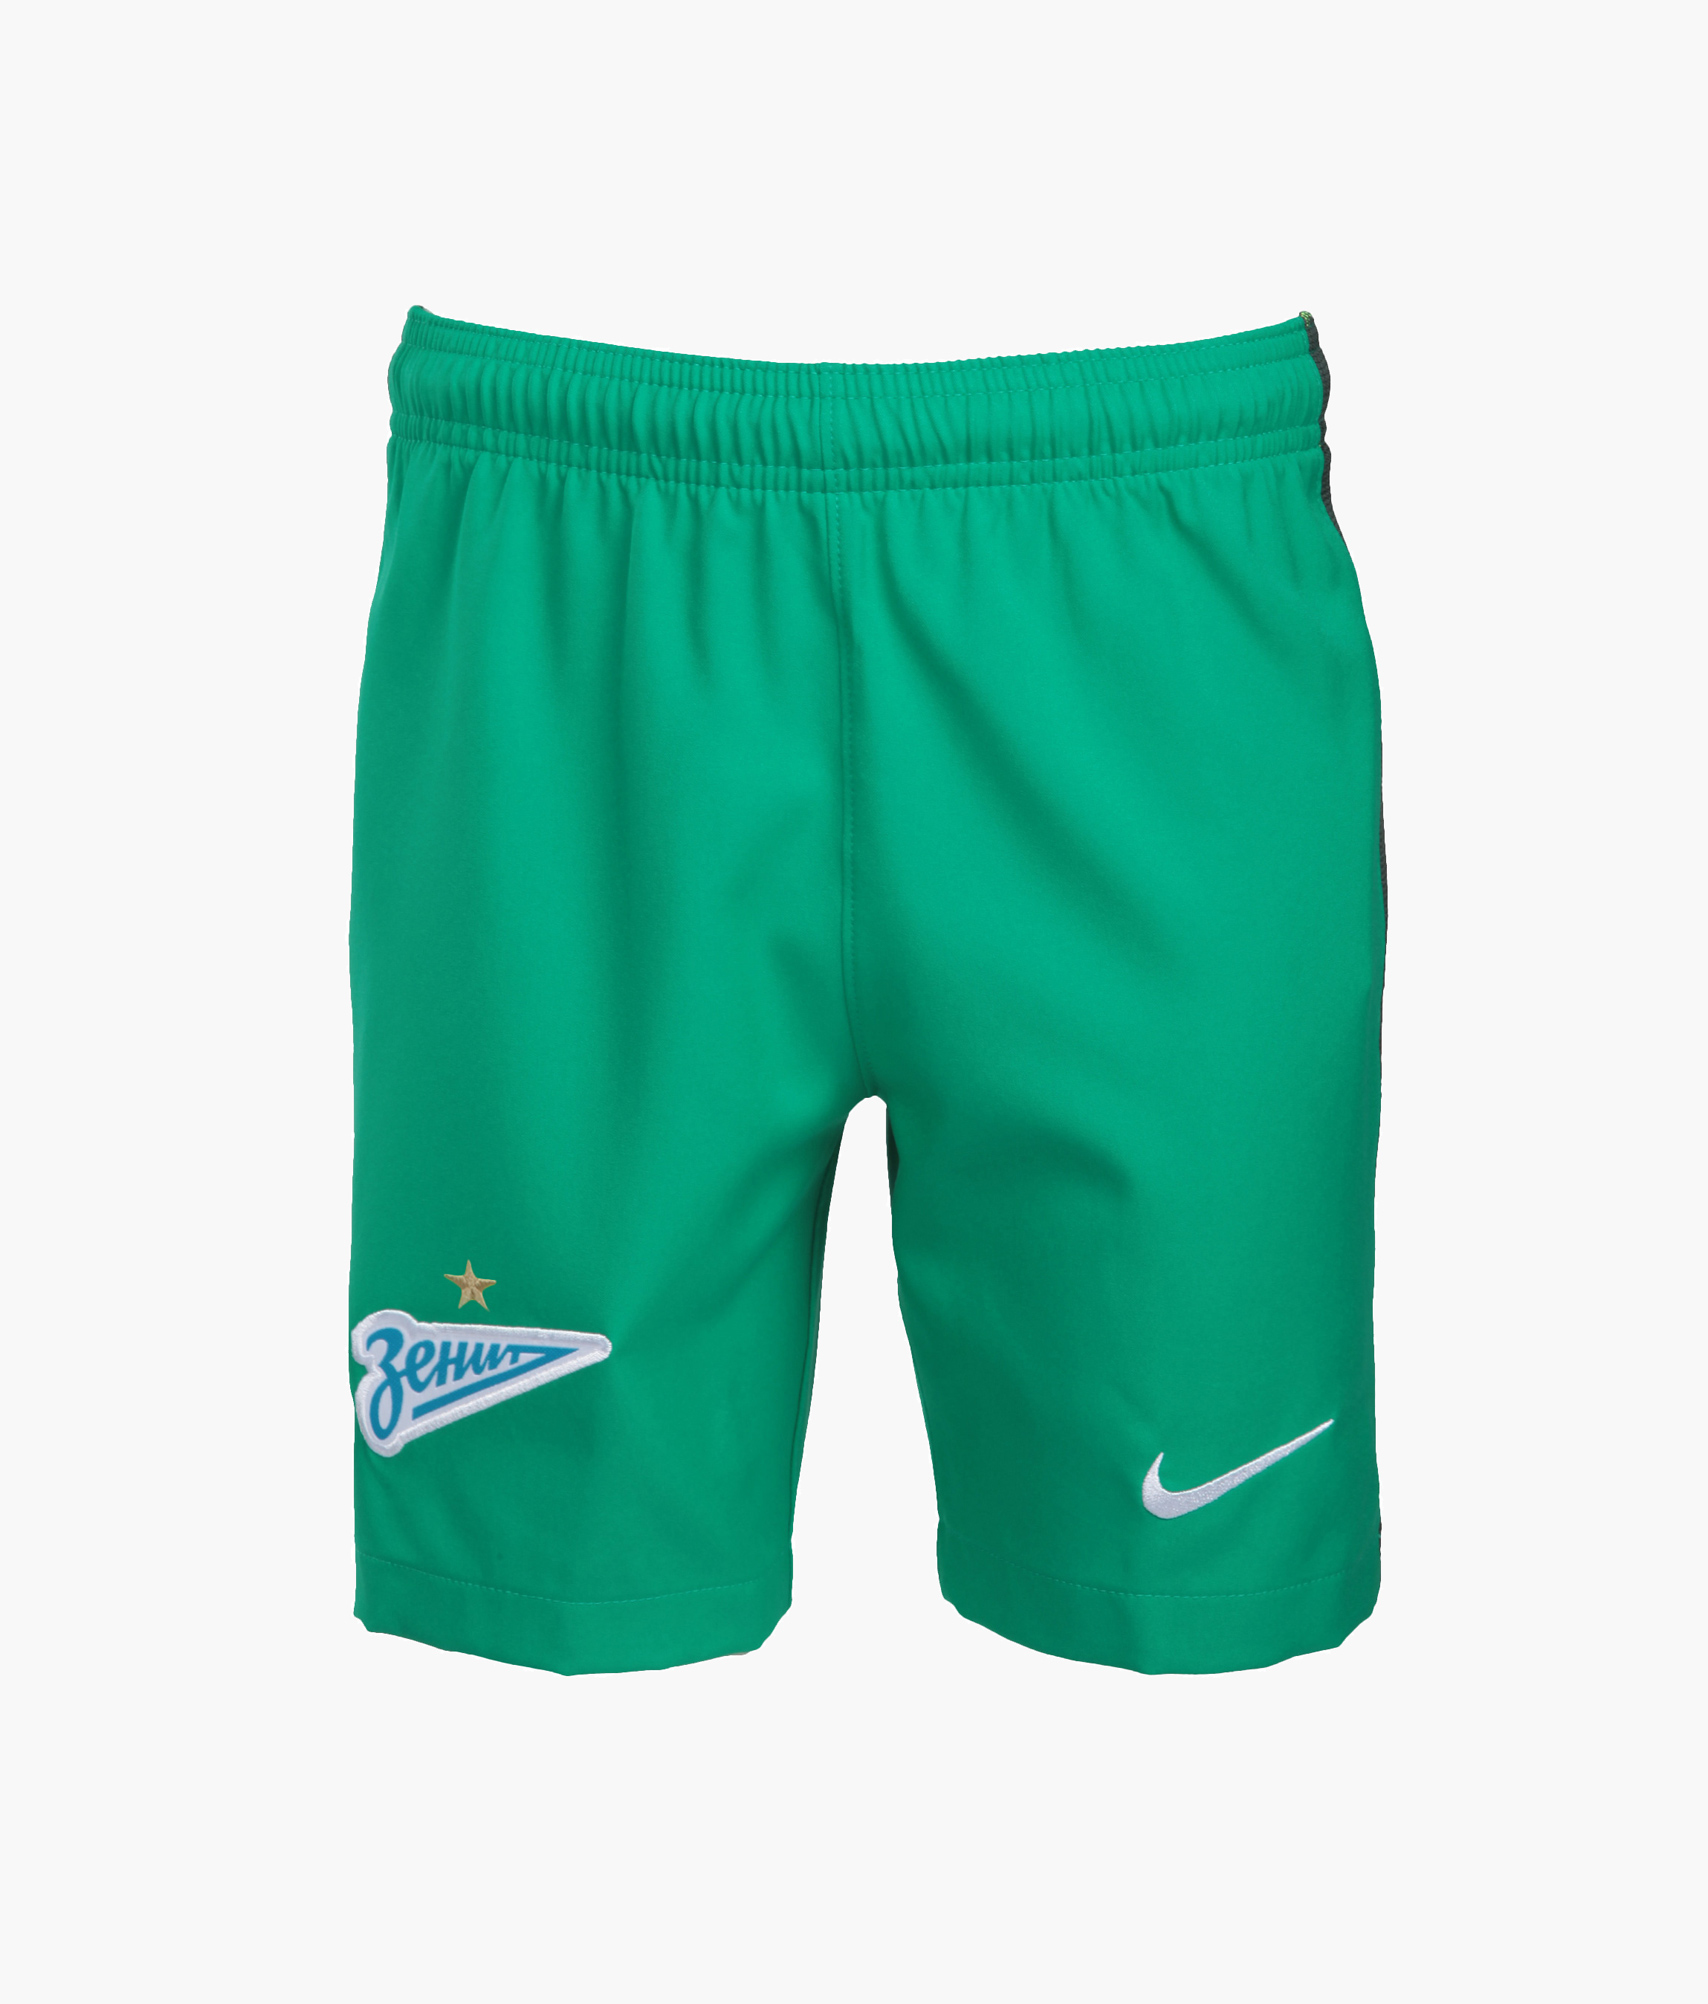 купить Детские вратарские шорты, Цвет-Зеленый, Размер-M недорого